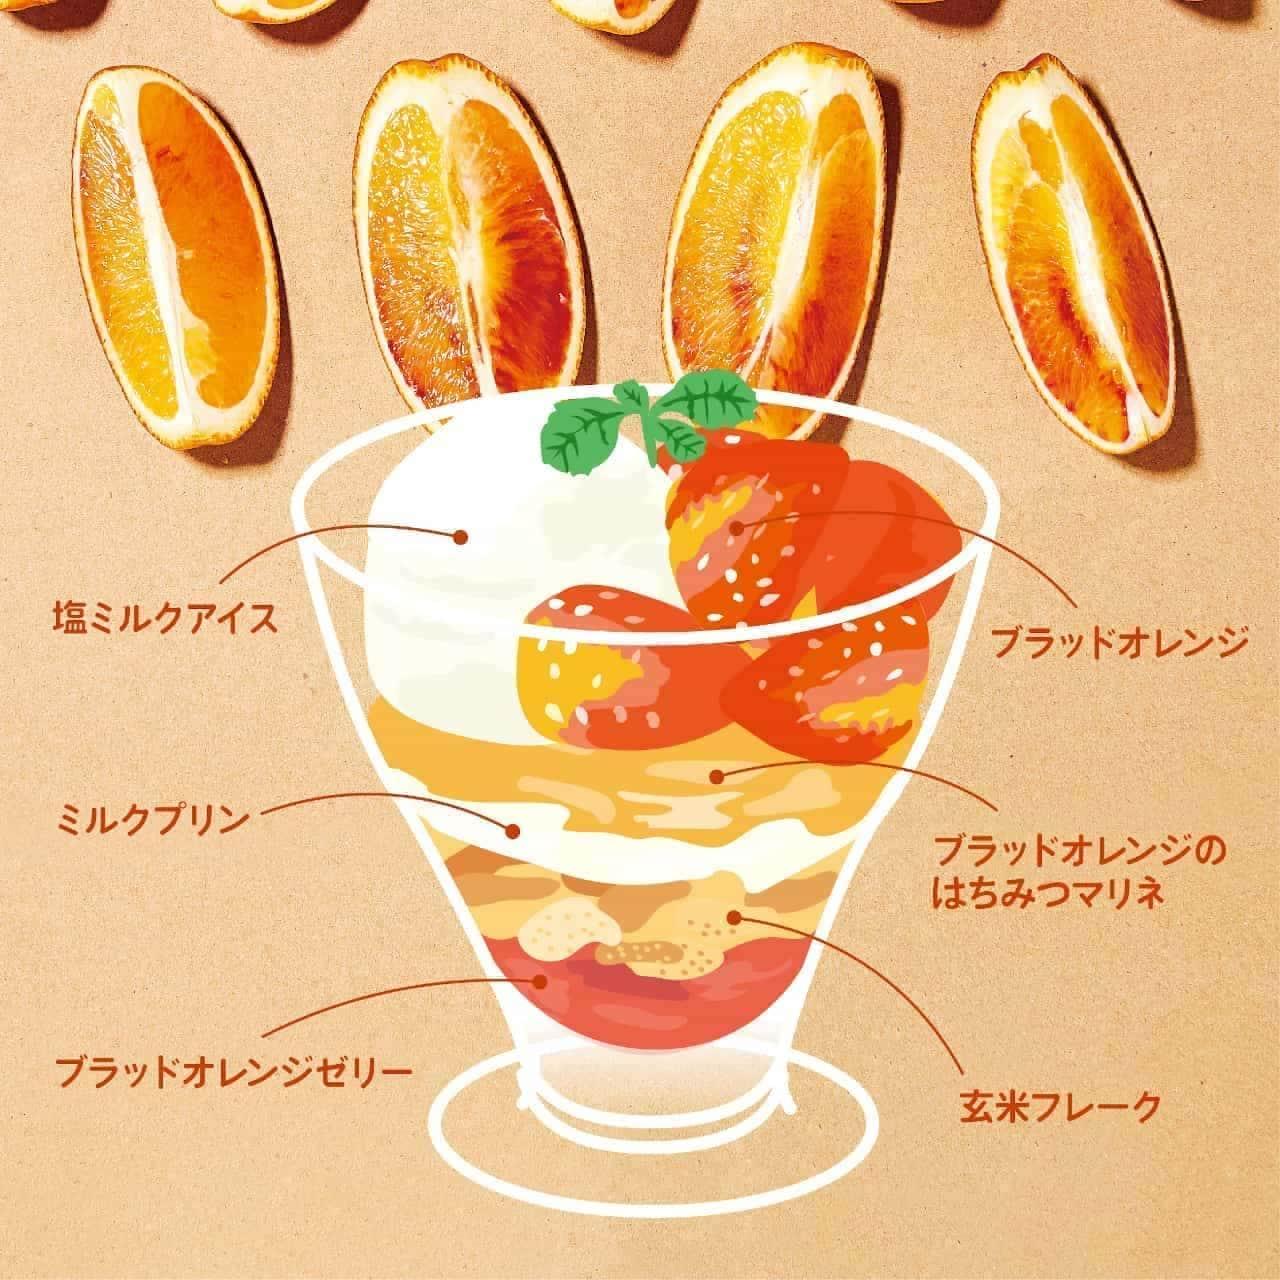 大戸屋「ブラッドオレンジのパフェ」「塩ミルクアイスと揚げたてドーナッツ」